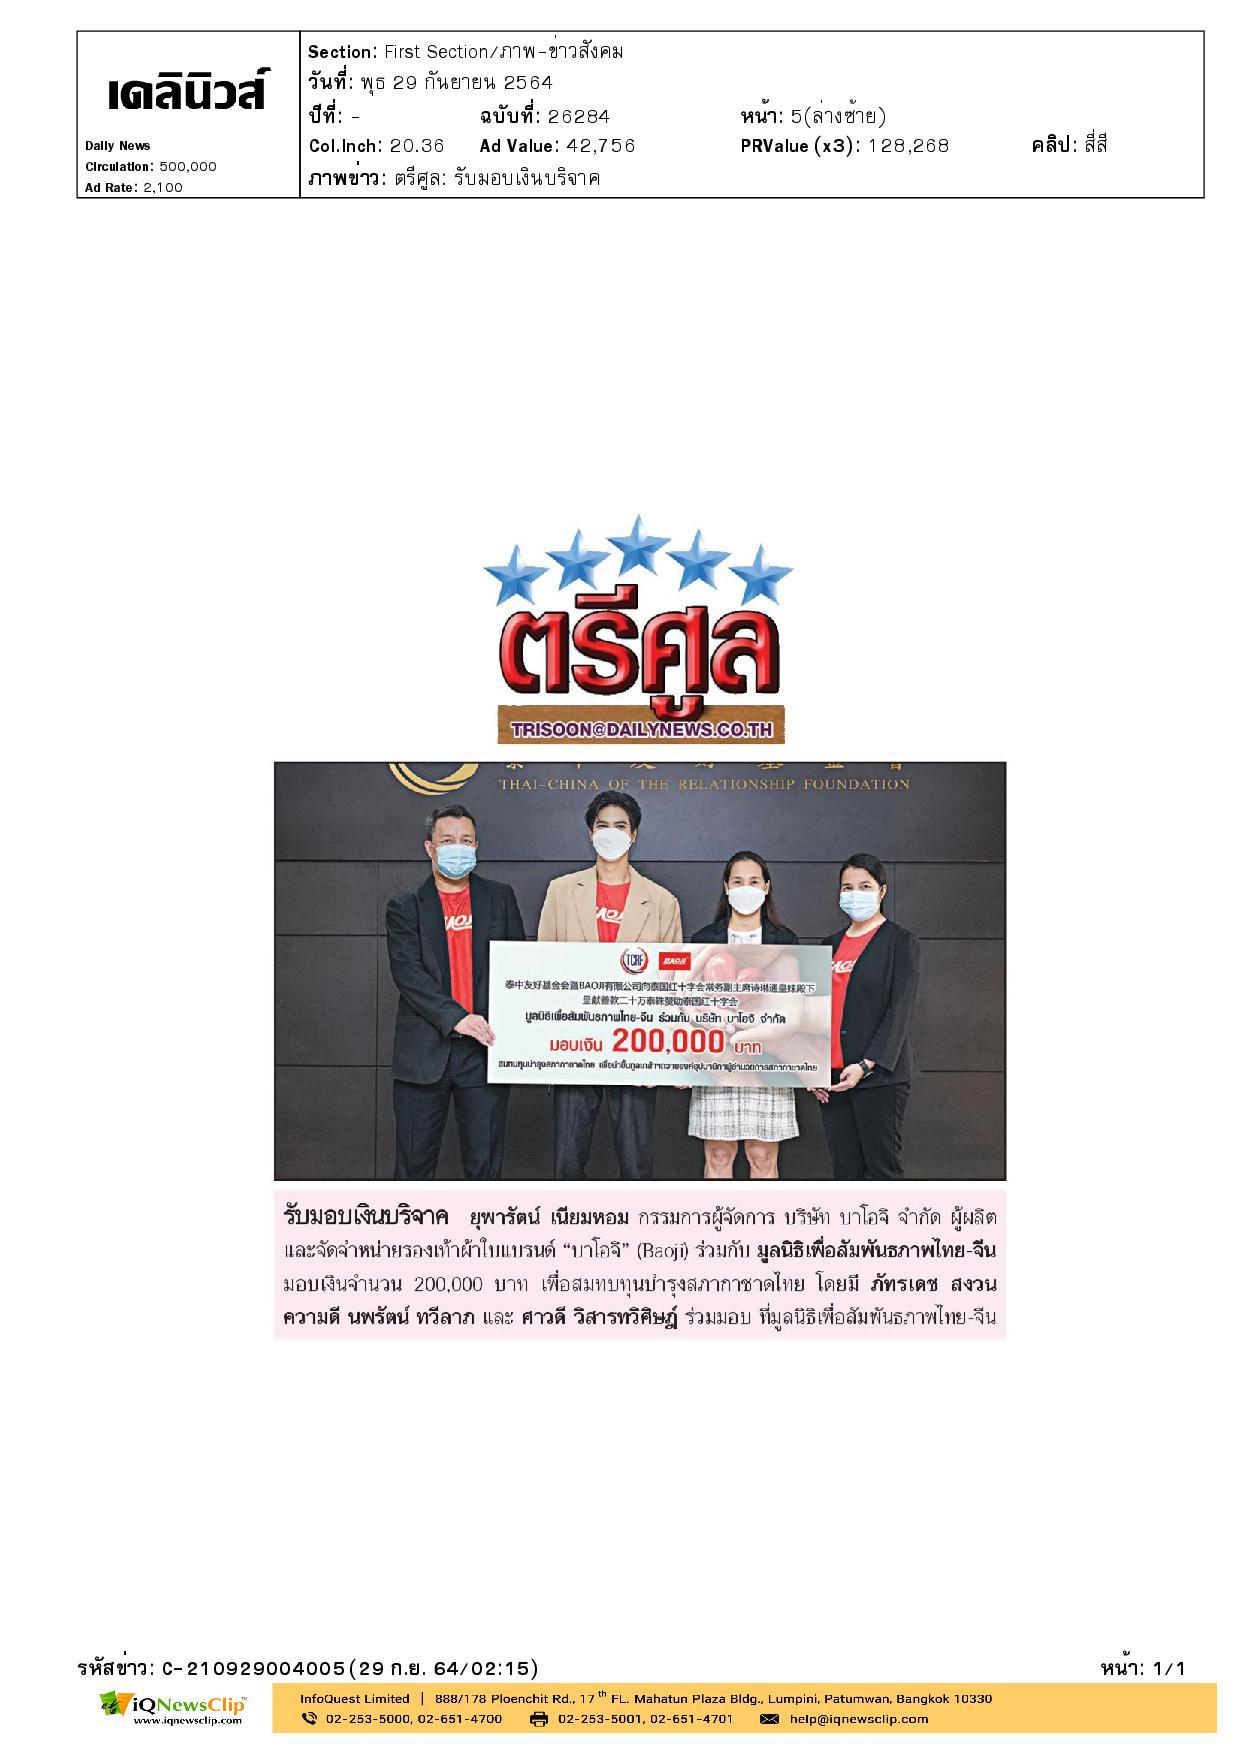 มูลนิธิเพื่อสัมพันธภาพไทย-จีน มอบเงิน เพื่อสมทบทุนบำรุงสภากาชาดไทย